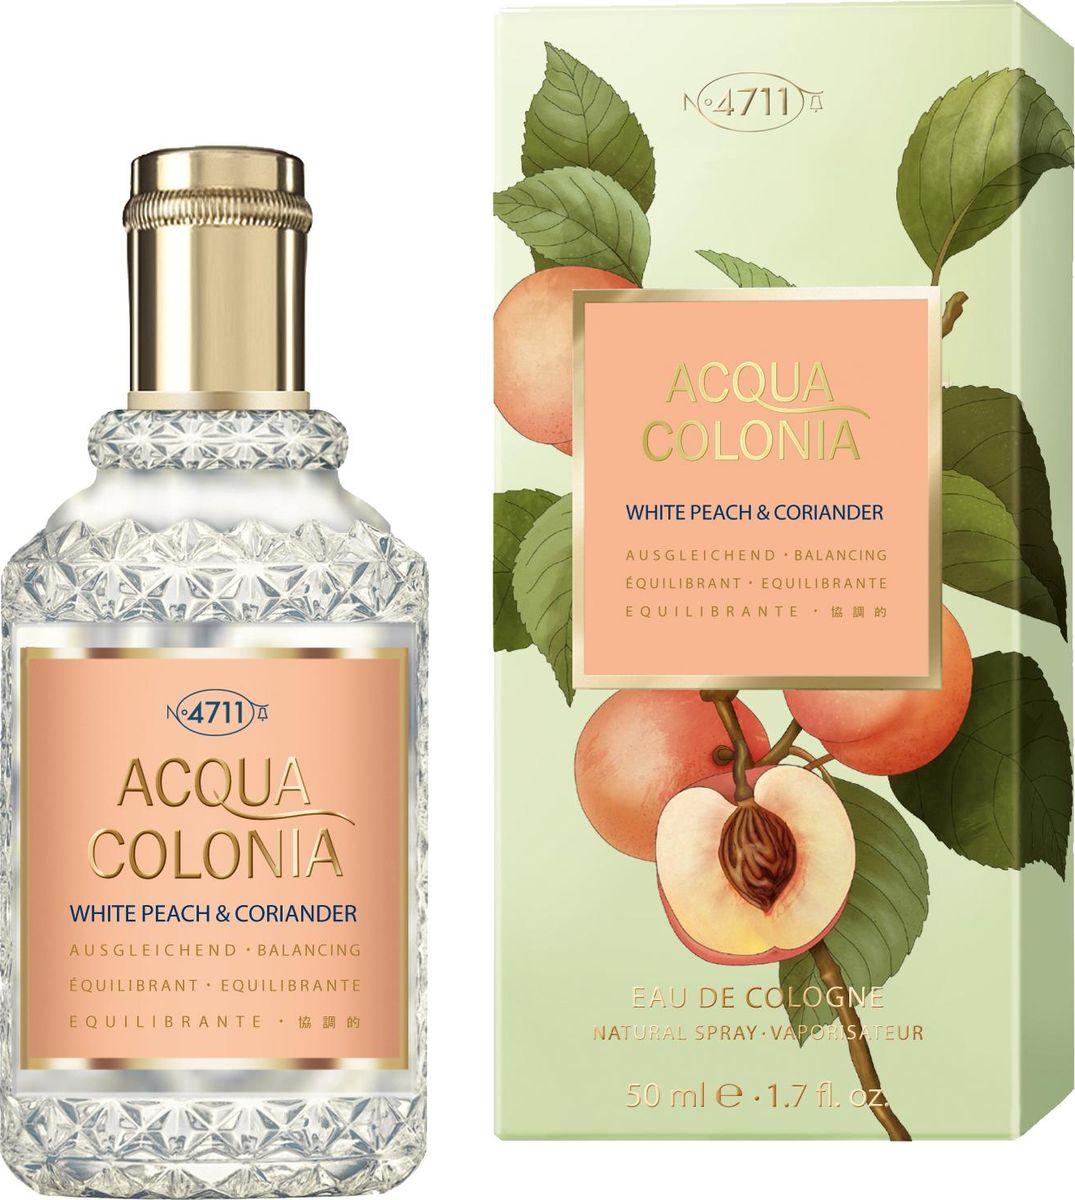 4711 Acqua Colonia Balancing White Peach & Coriander 50 мл